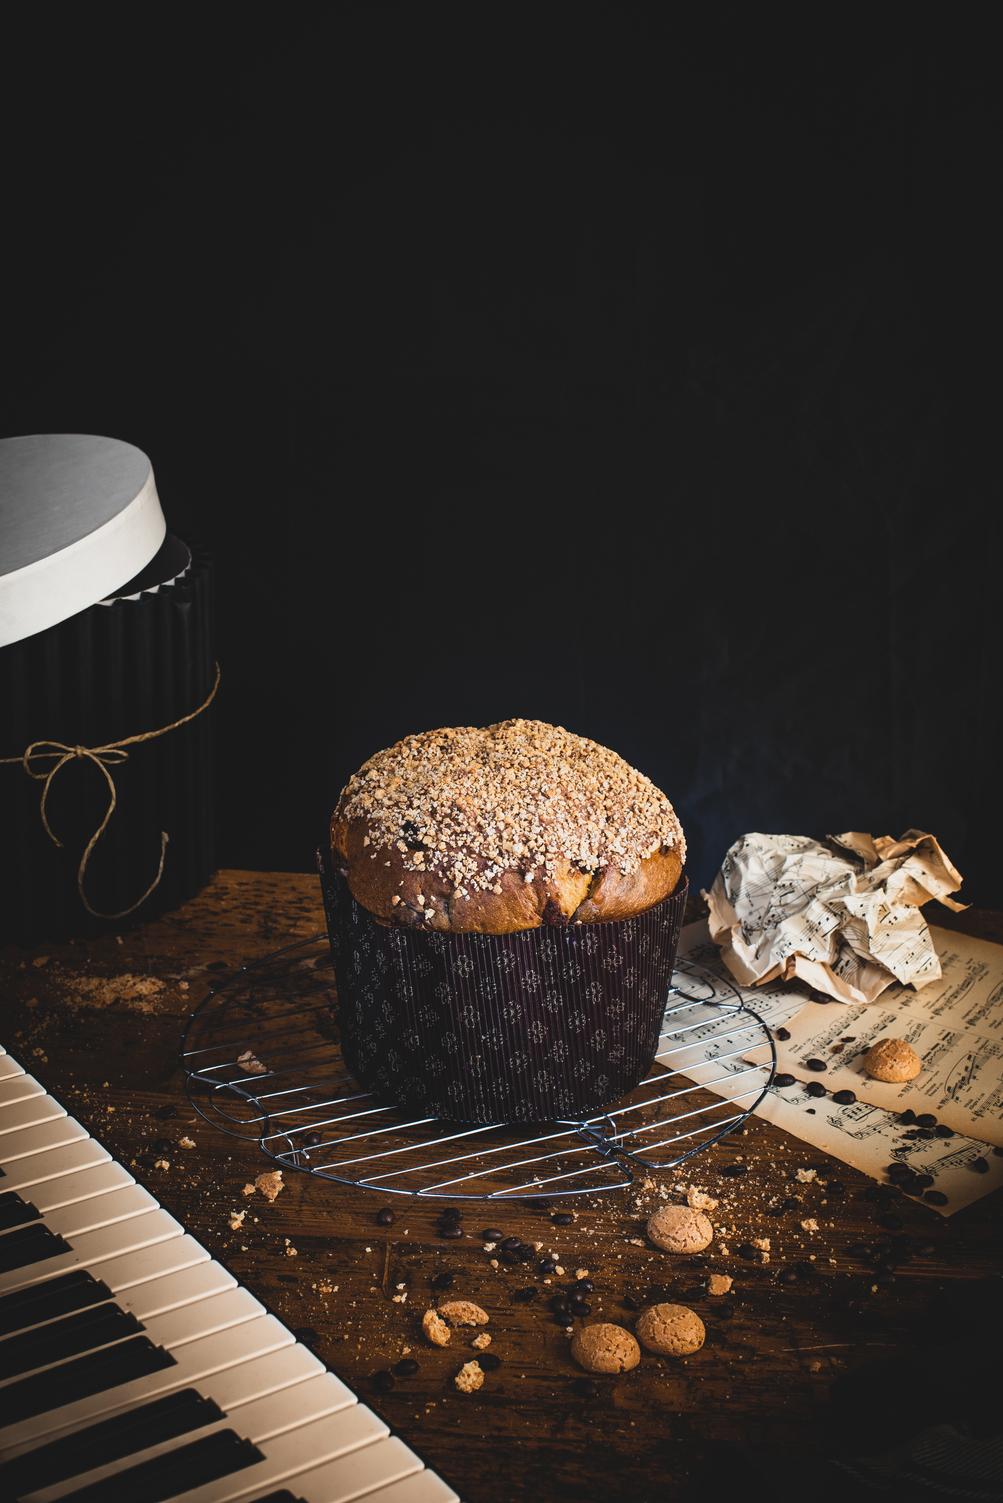 panettone artigianale cioccolato caffe amaretto